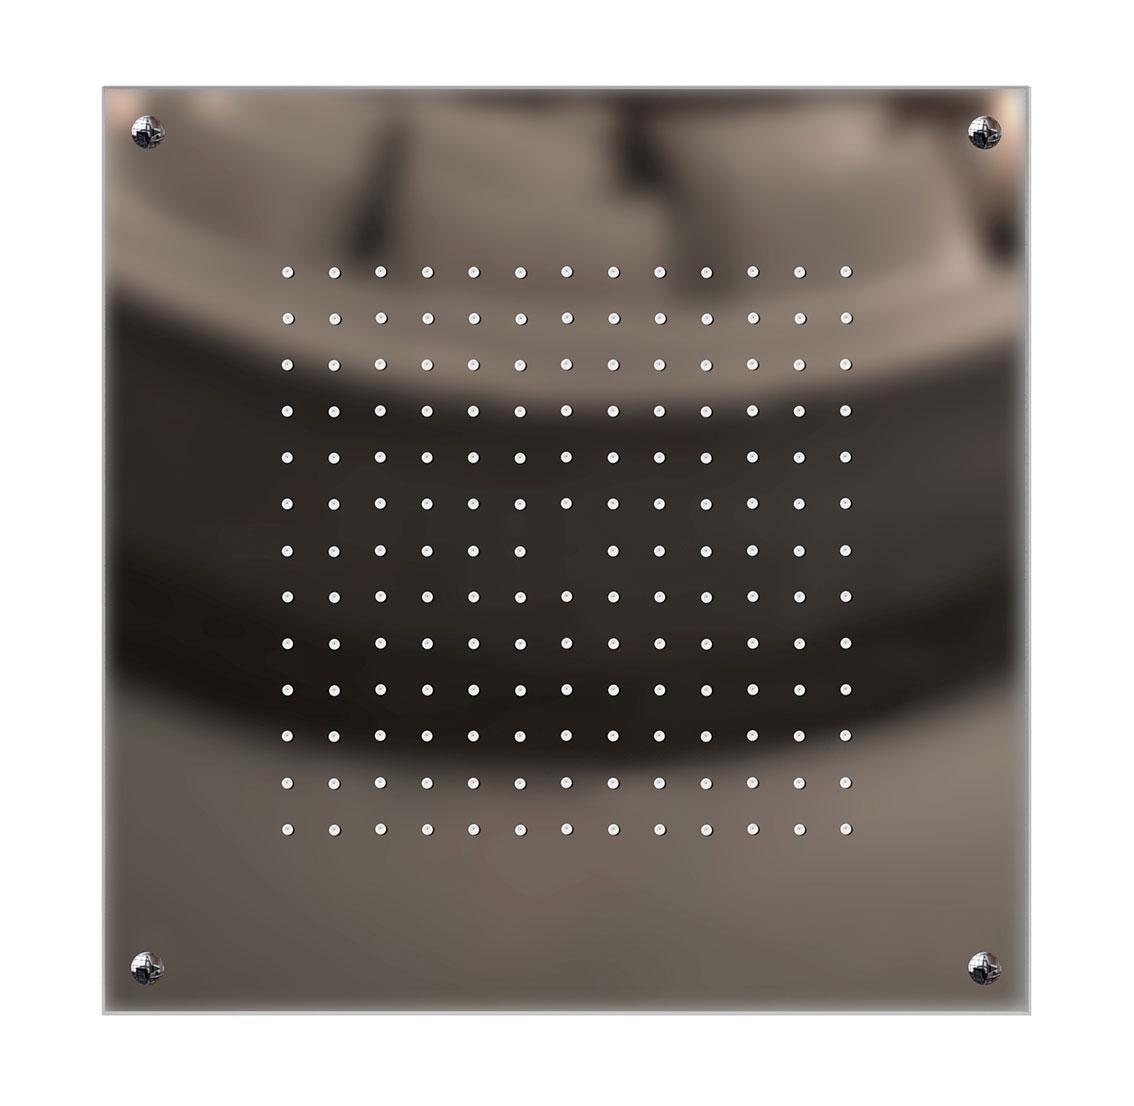 soffione-doccia-acciaio-inox-incasso-quadro-kings-400x400-mm-2.jpg